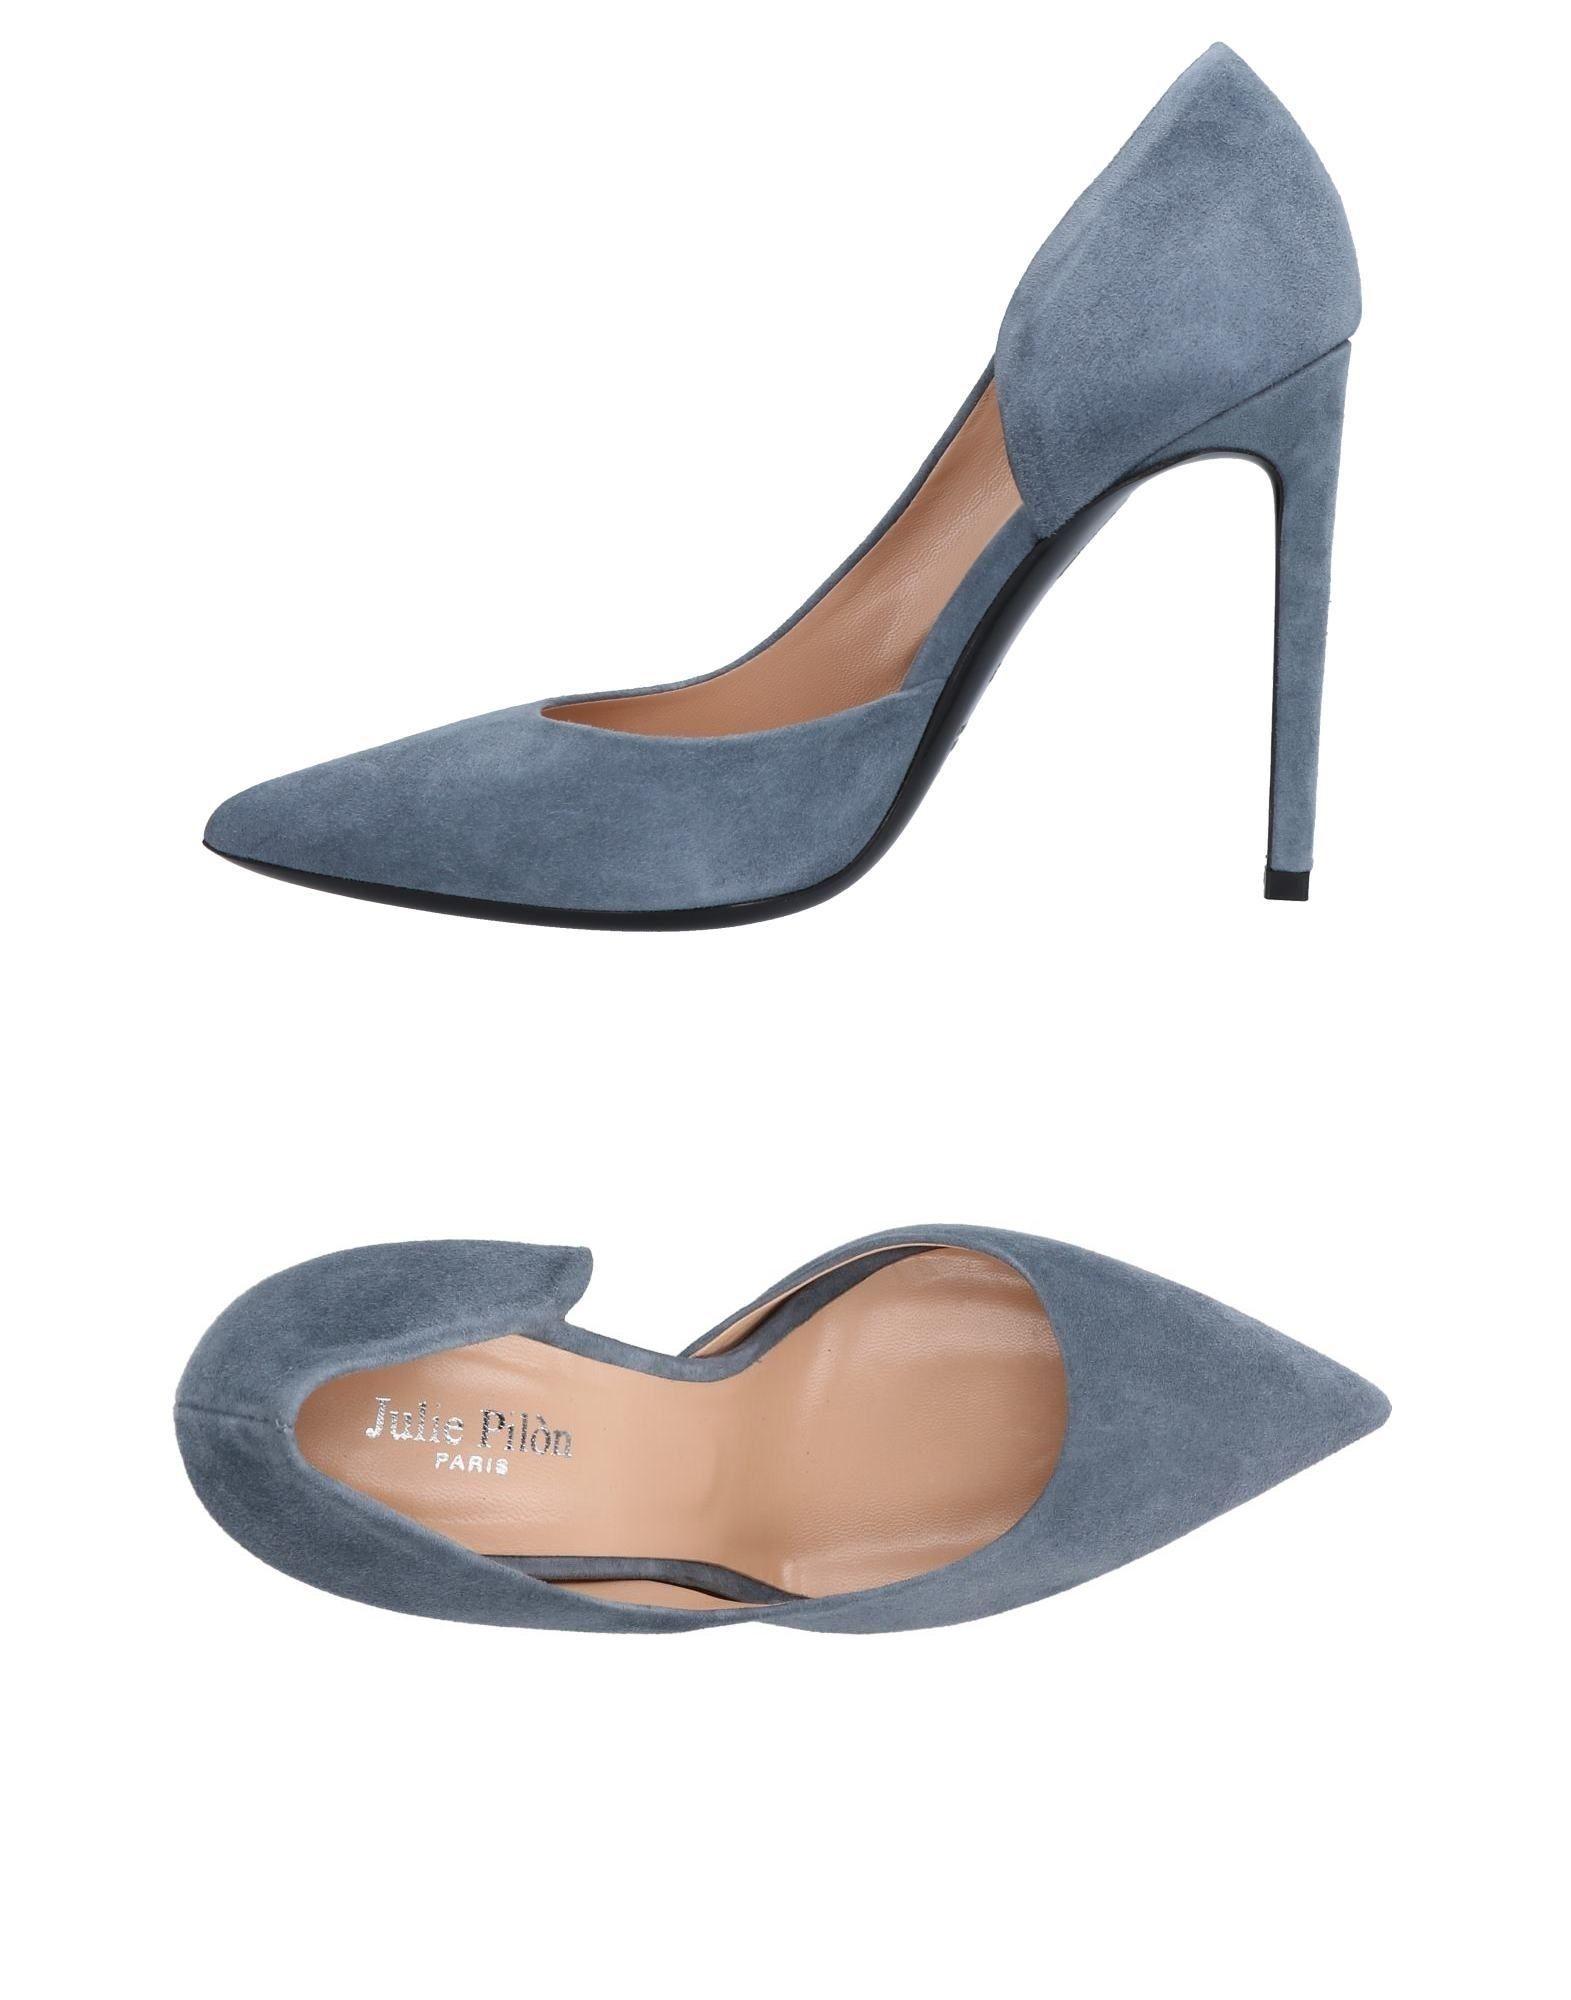 Gut um billige Damen Schuhe zu tragenJulie Pilòn Paris Pumps Damen billige  11494113FV 2b3b31